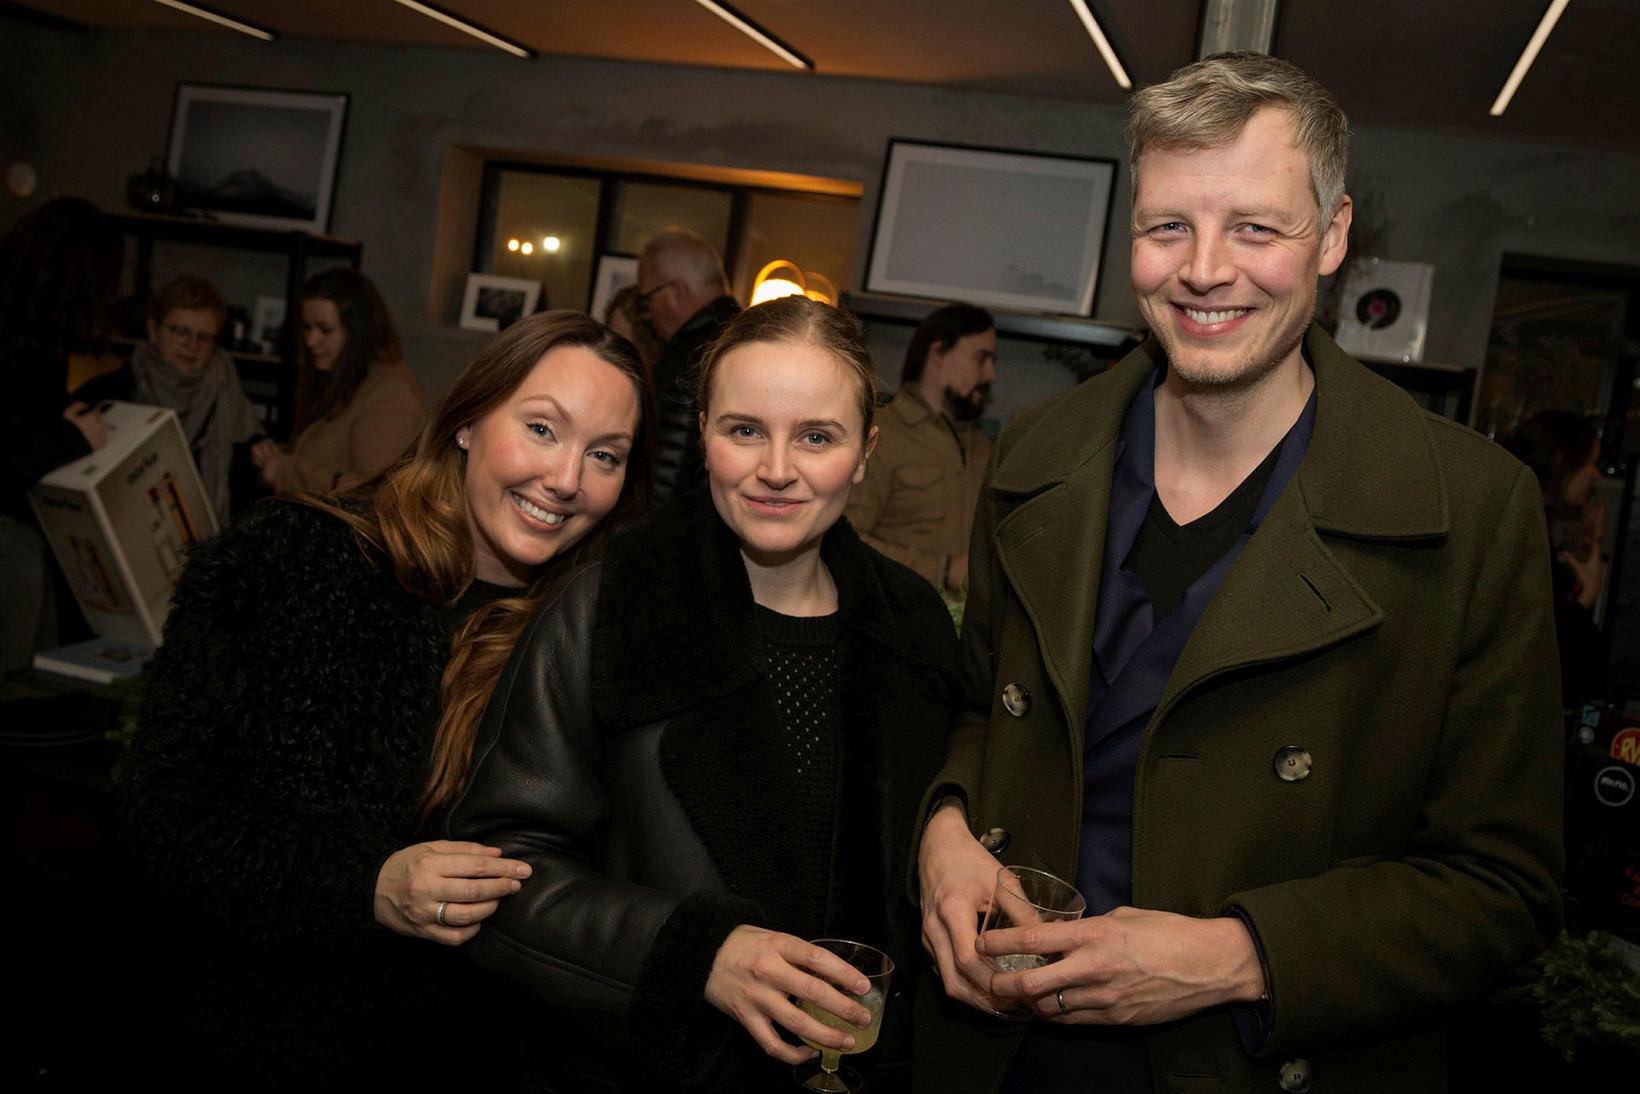 Harpa Káradóttir, Erna Einarsdóttir og Freyr Tómasson.